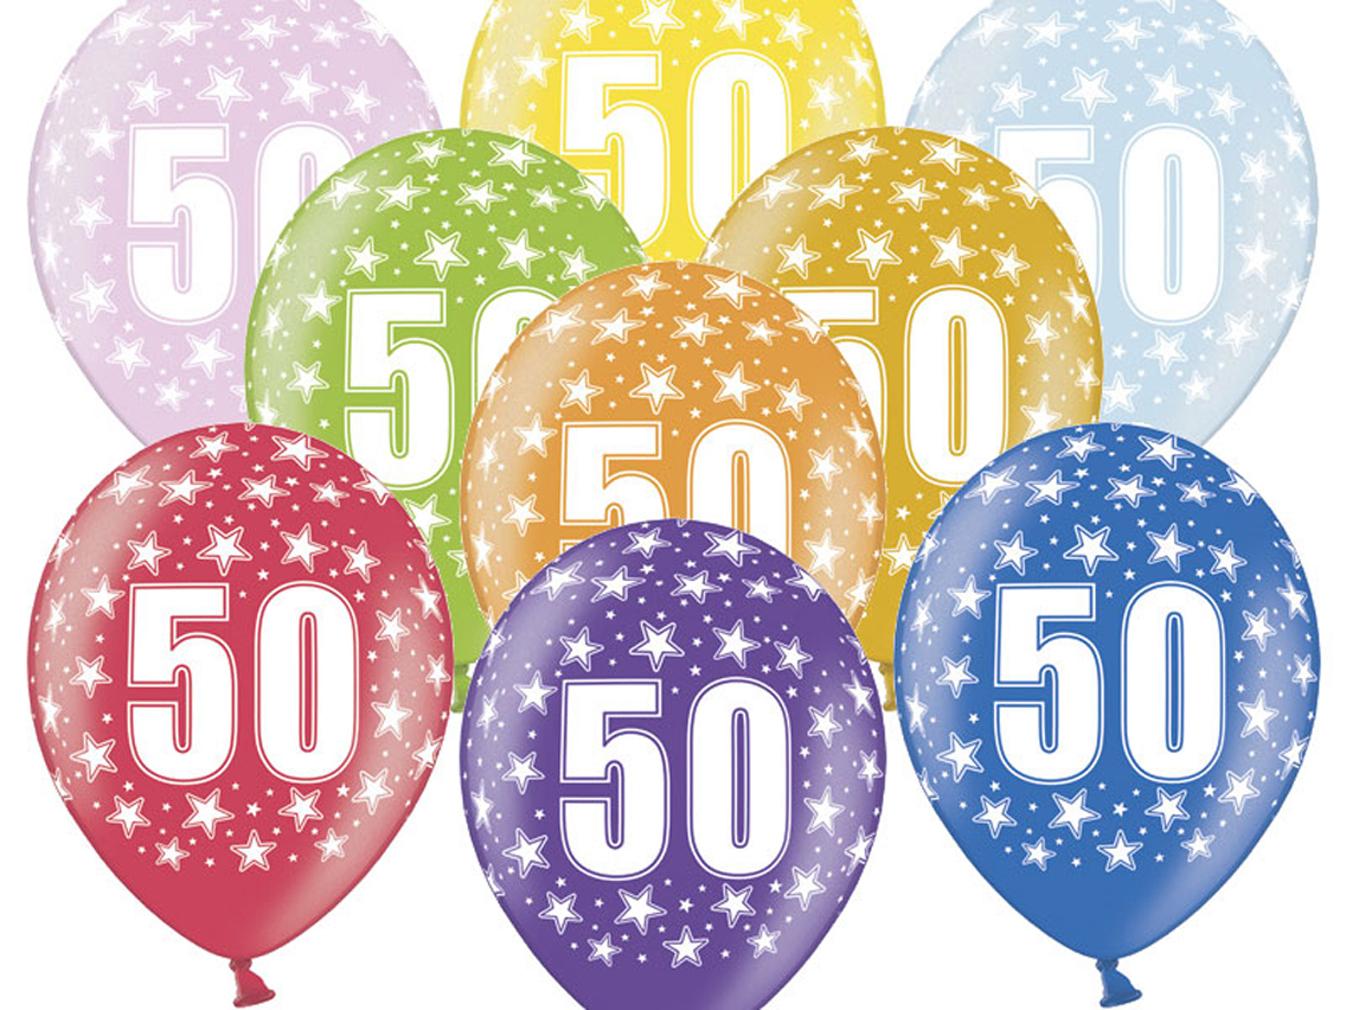 6 große bunte Rundluftballons Rund-luftballon Rundballons Luftballons 50 mit Motiv